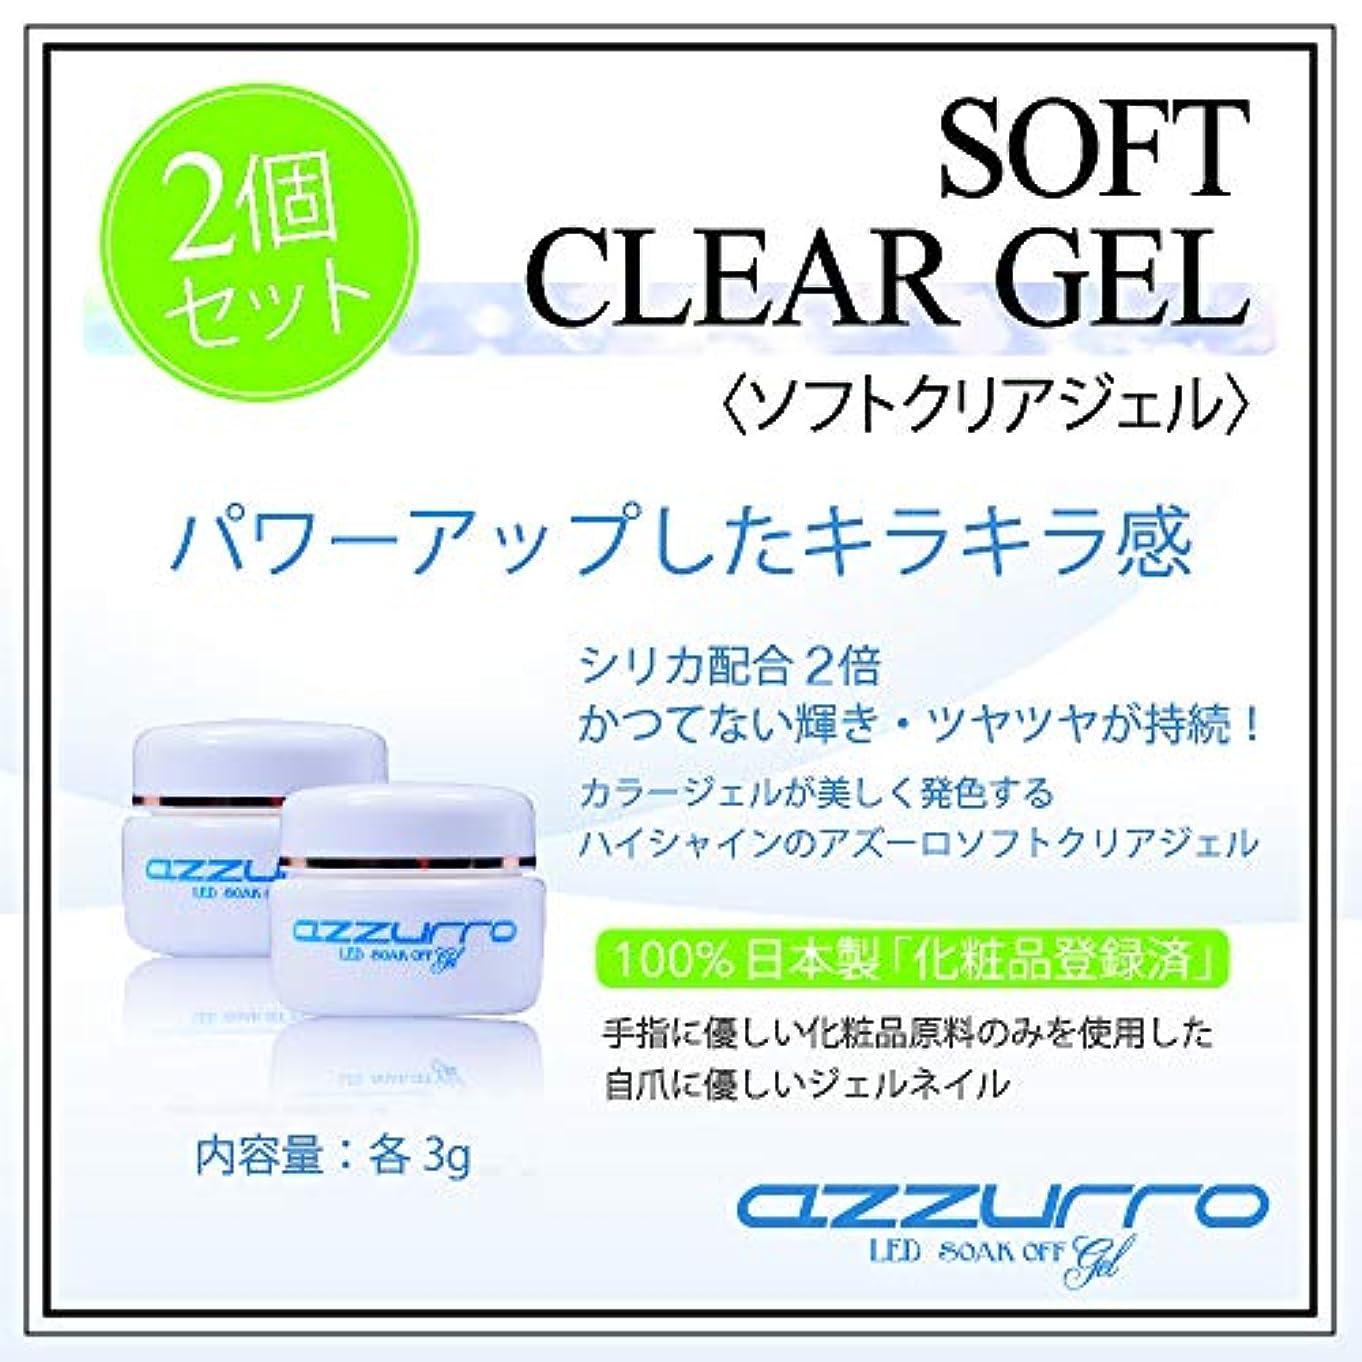 人形誇りに思う外部azzurro gel アッズーロ ソフトクリアージェル お得な2個セット ツヤツヤ キラキラ感持続 抜群のツヤ 爪に優しい日本製 3g